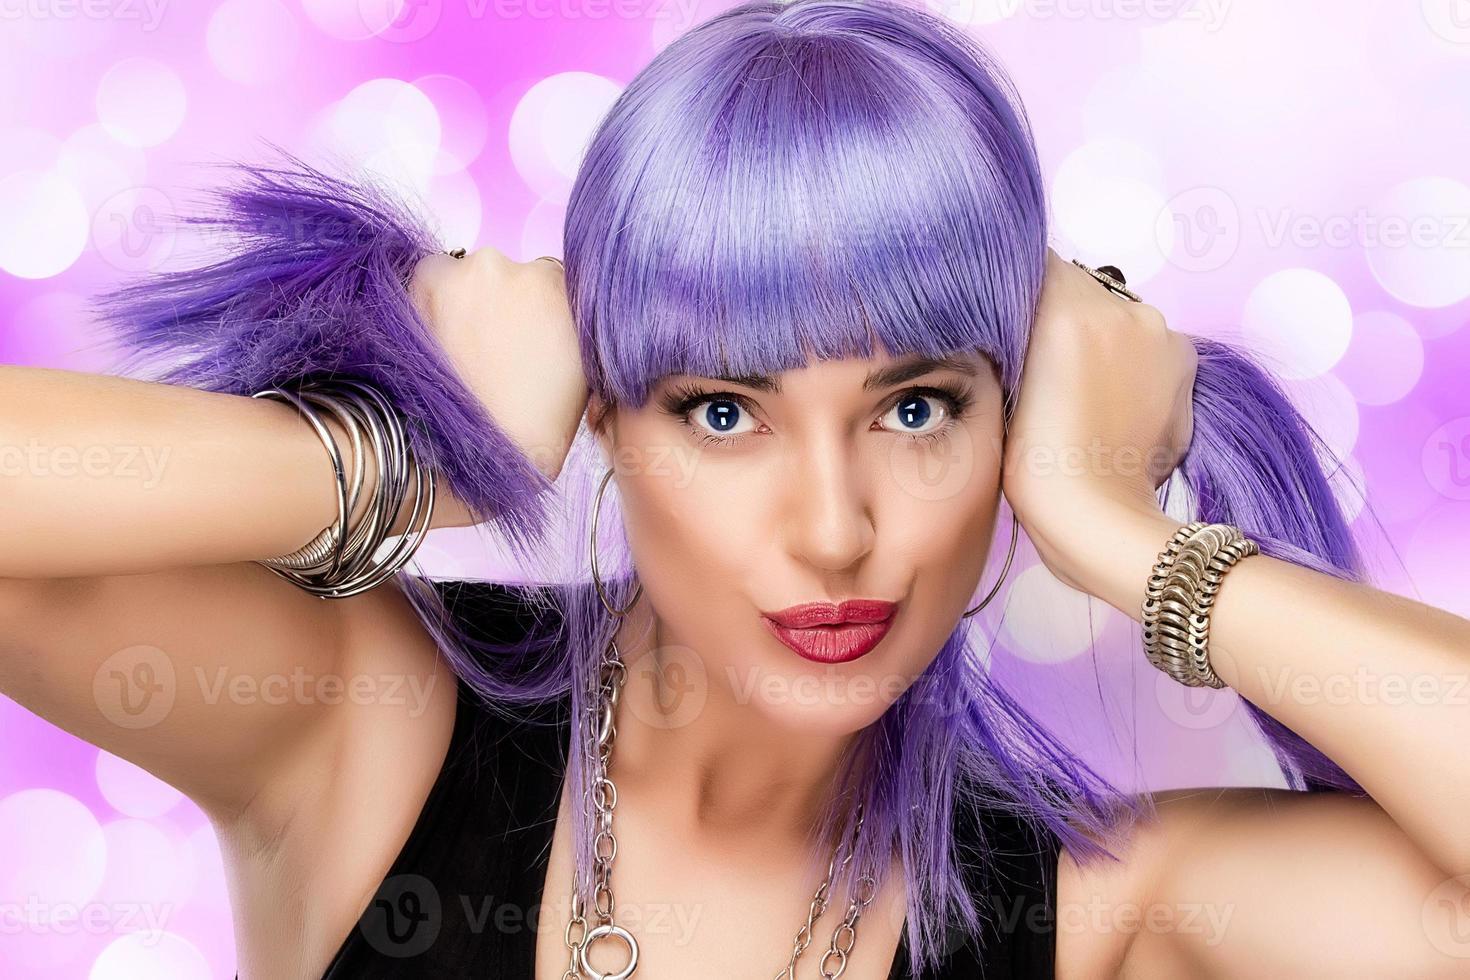 beauté fille joyeuse. cheveux violets élégants photo